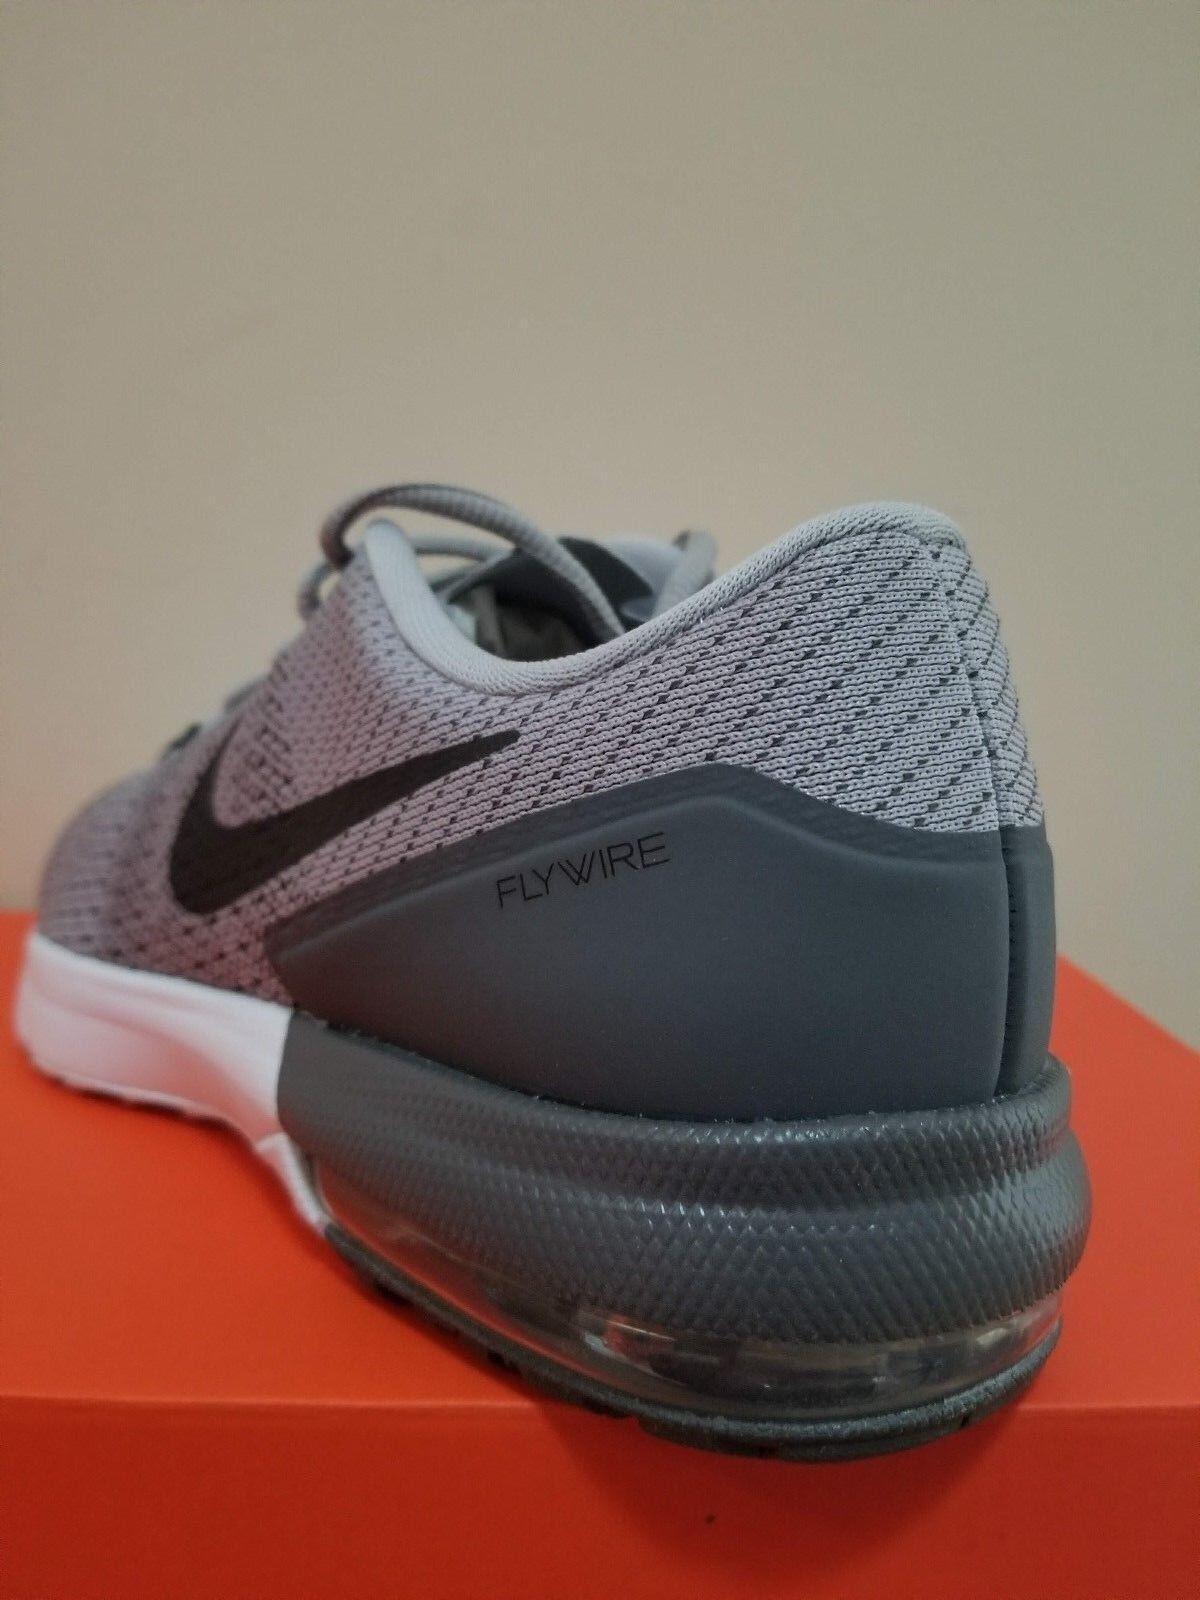 Nike Air Air Air Max Typha Running shoes Size 13 NIB 9eab15